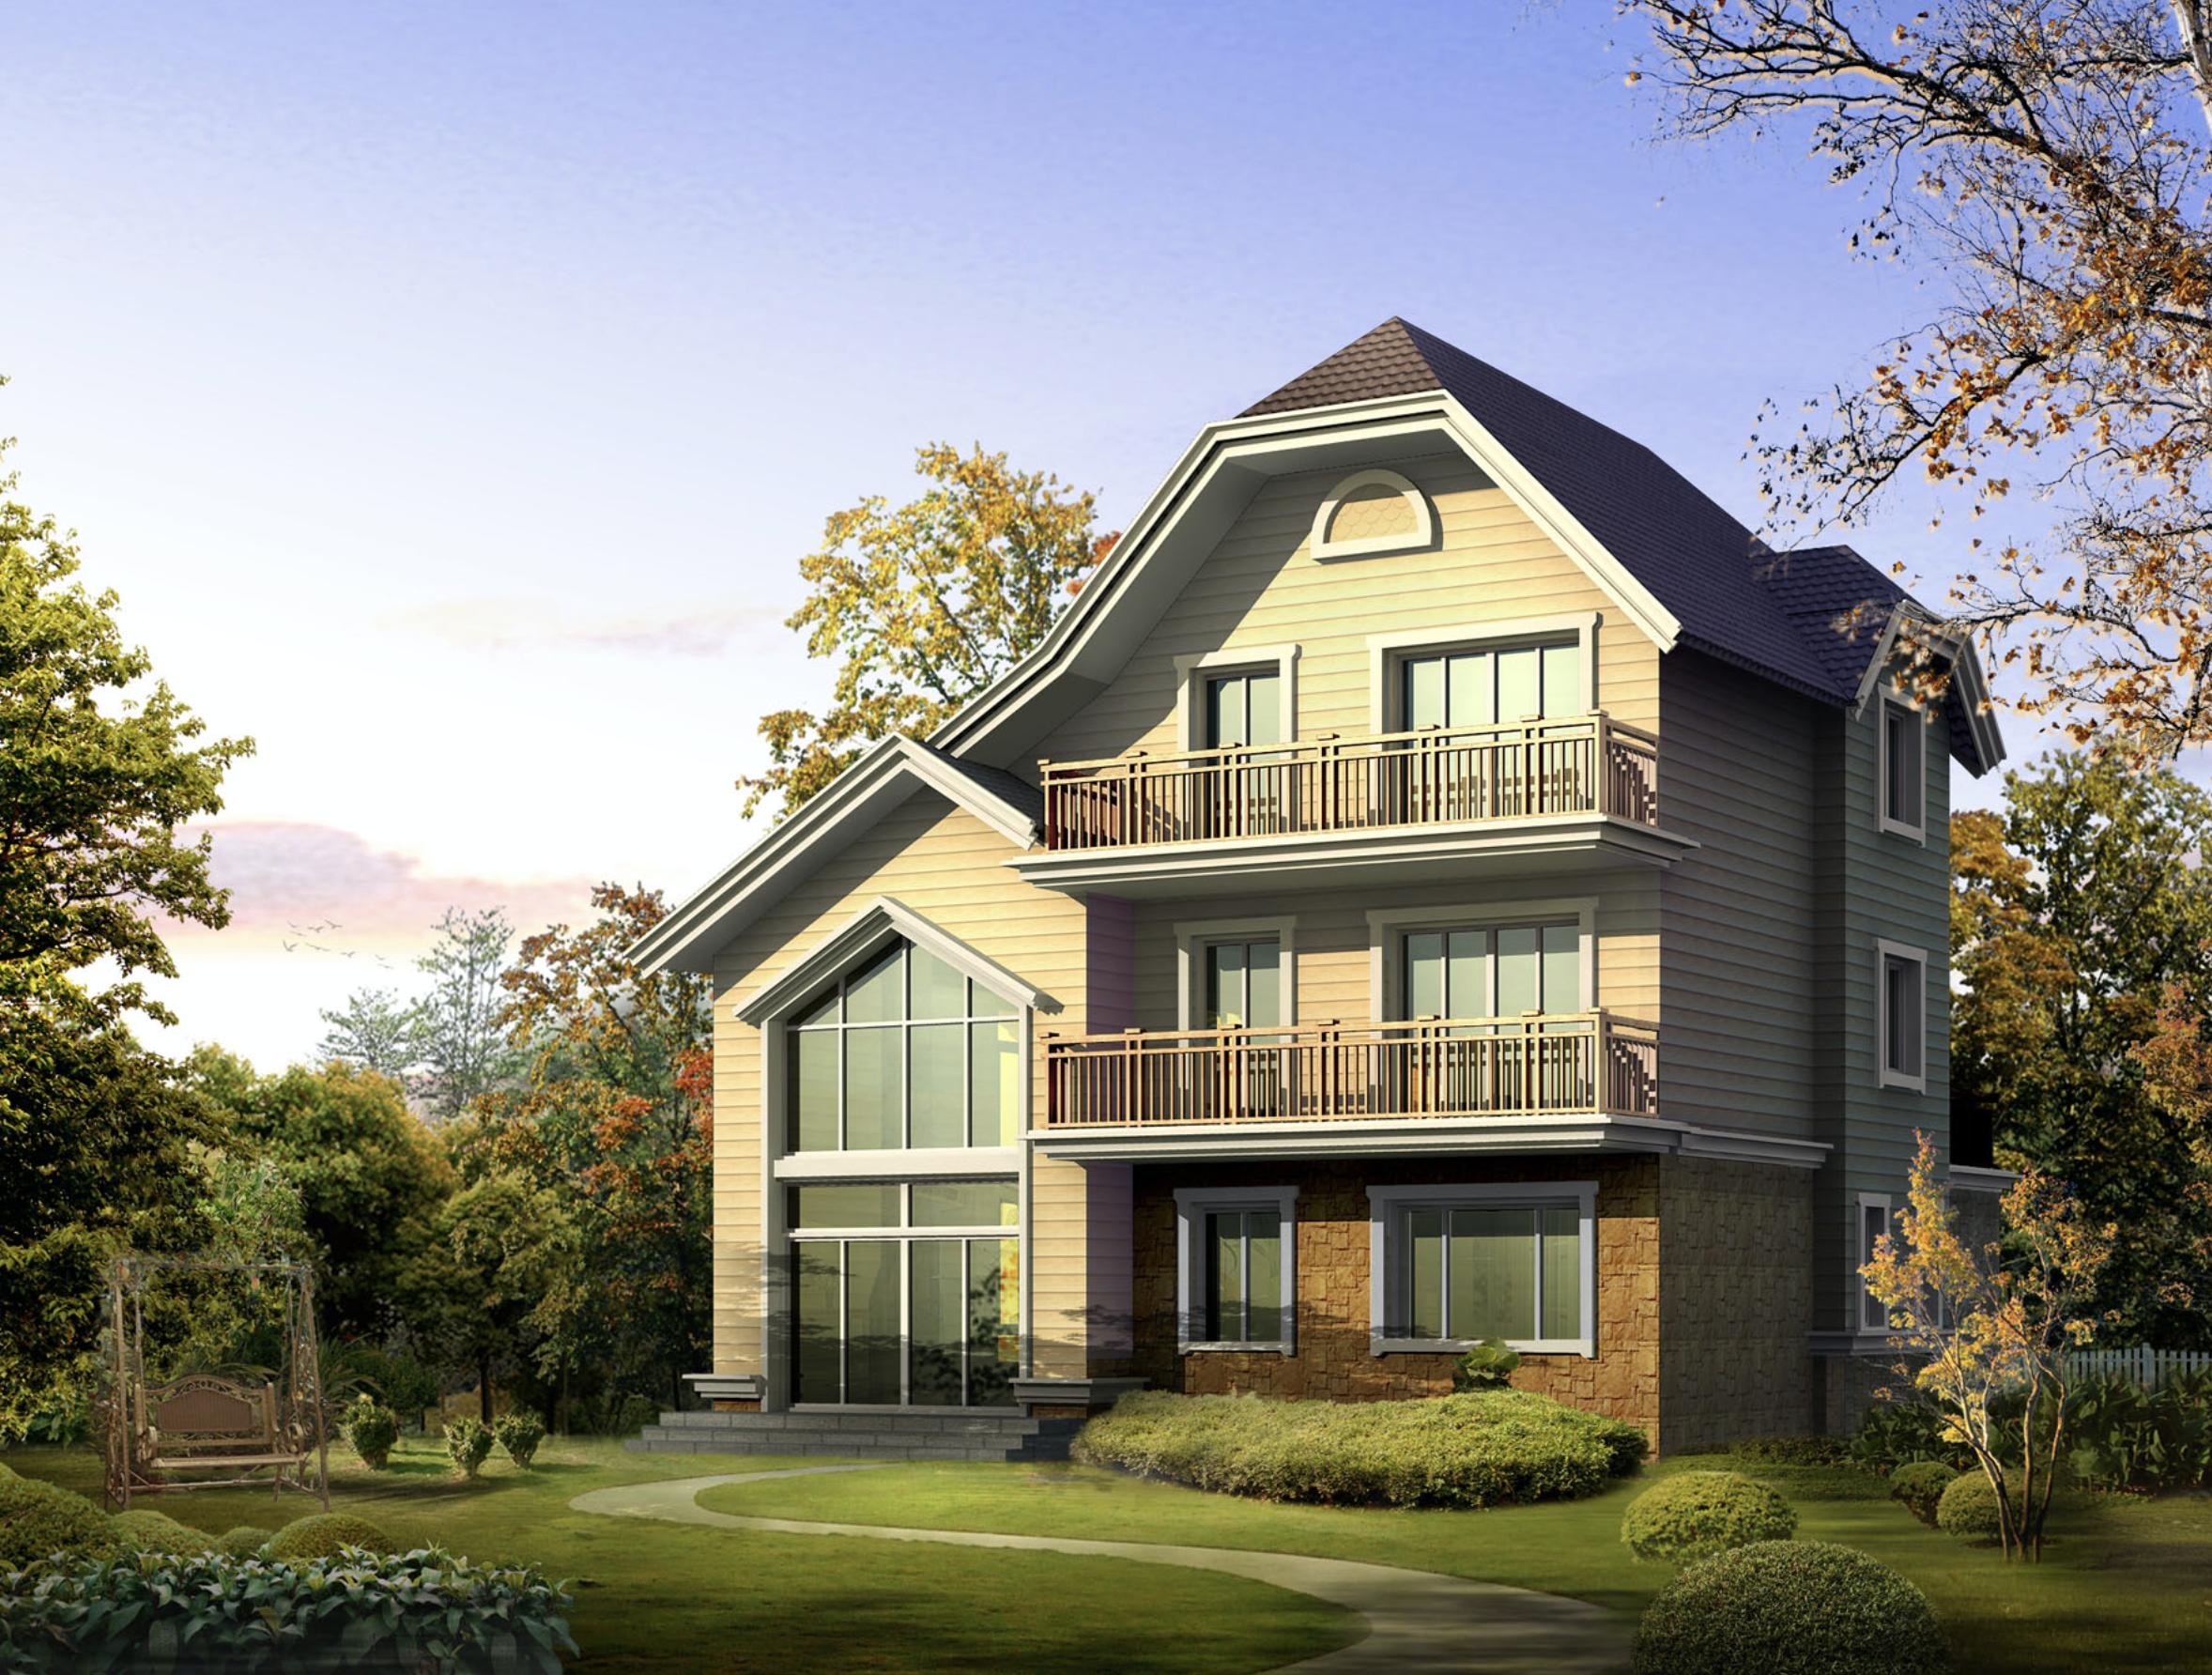 新农村田园坡屋顶三层独栋别墅建筑设计施工图